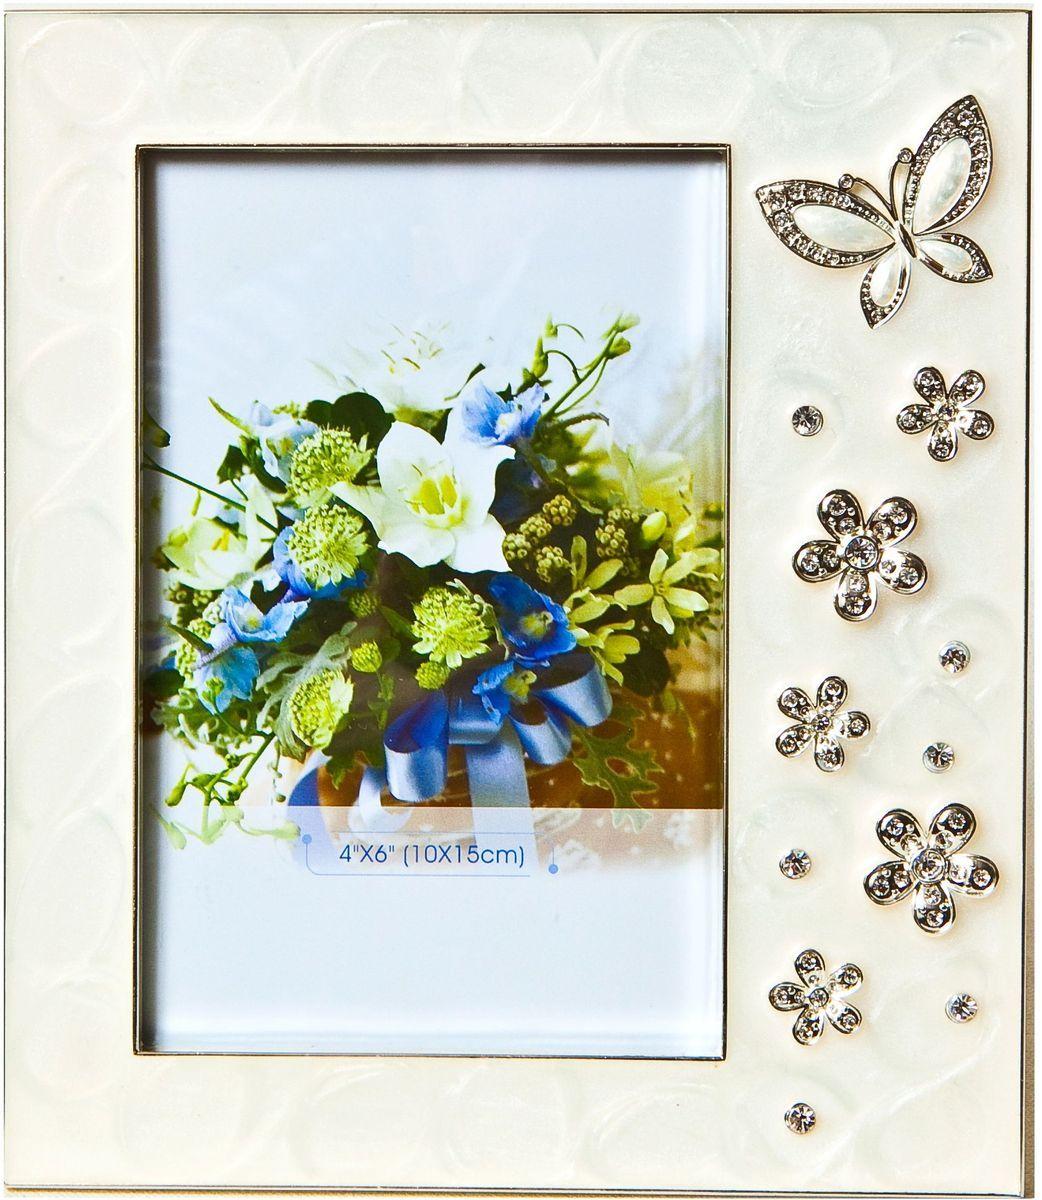 Фоторамка Platinum Бабочки и цветы, 10 х 15 см. PF10393 фоторамка декоративная настольная 125 13см 15 10см с декоративными стразами стекло белая